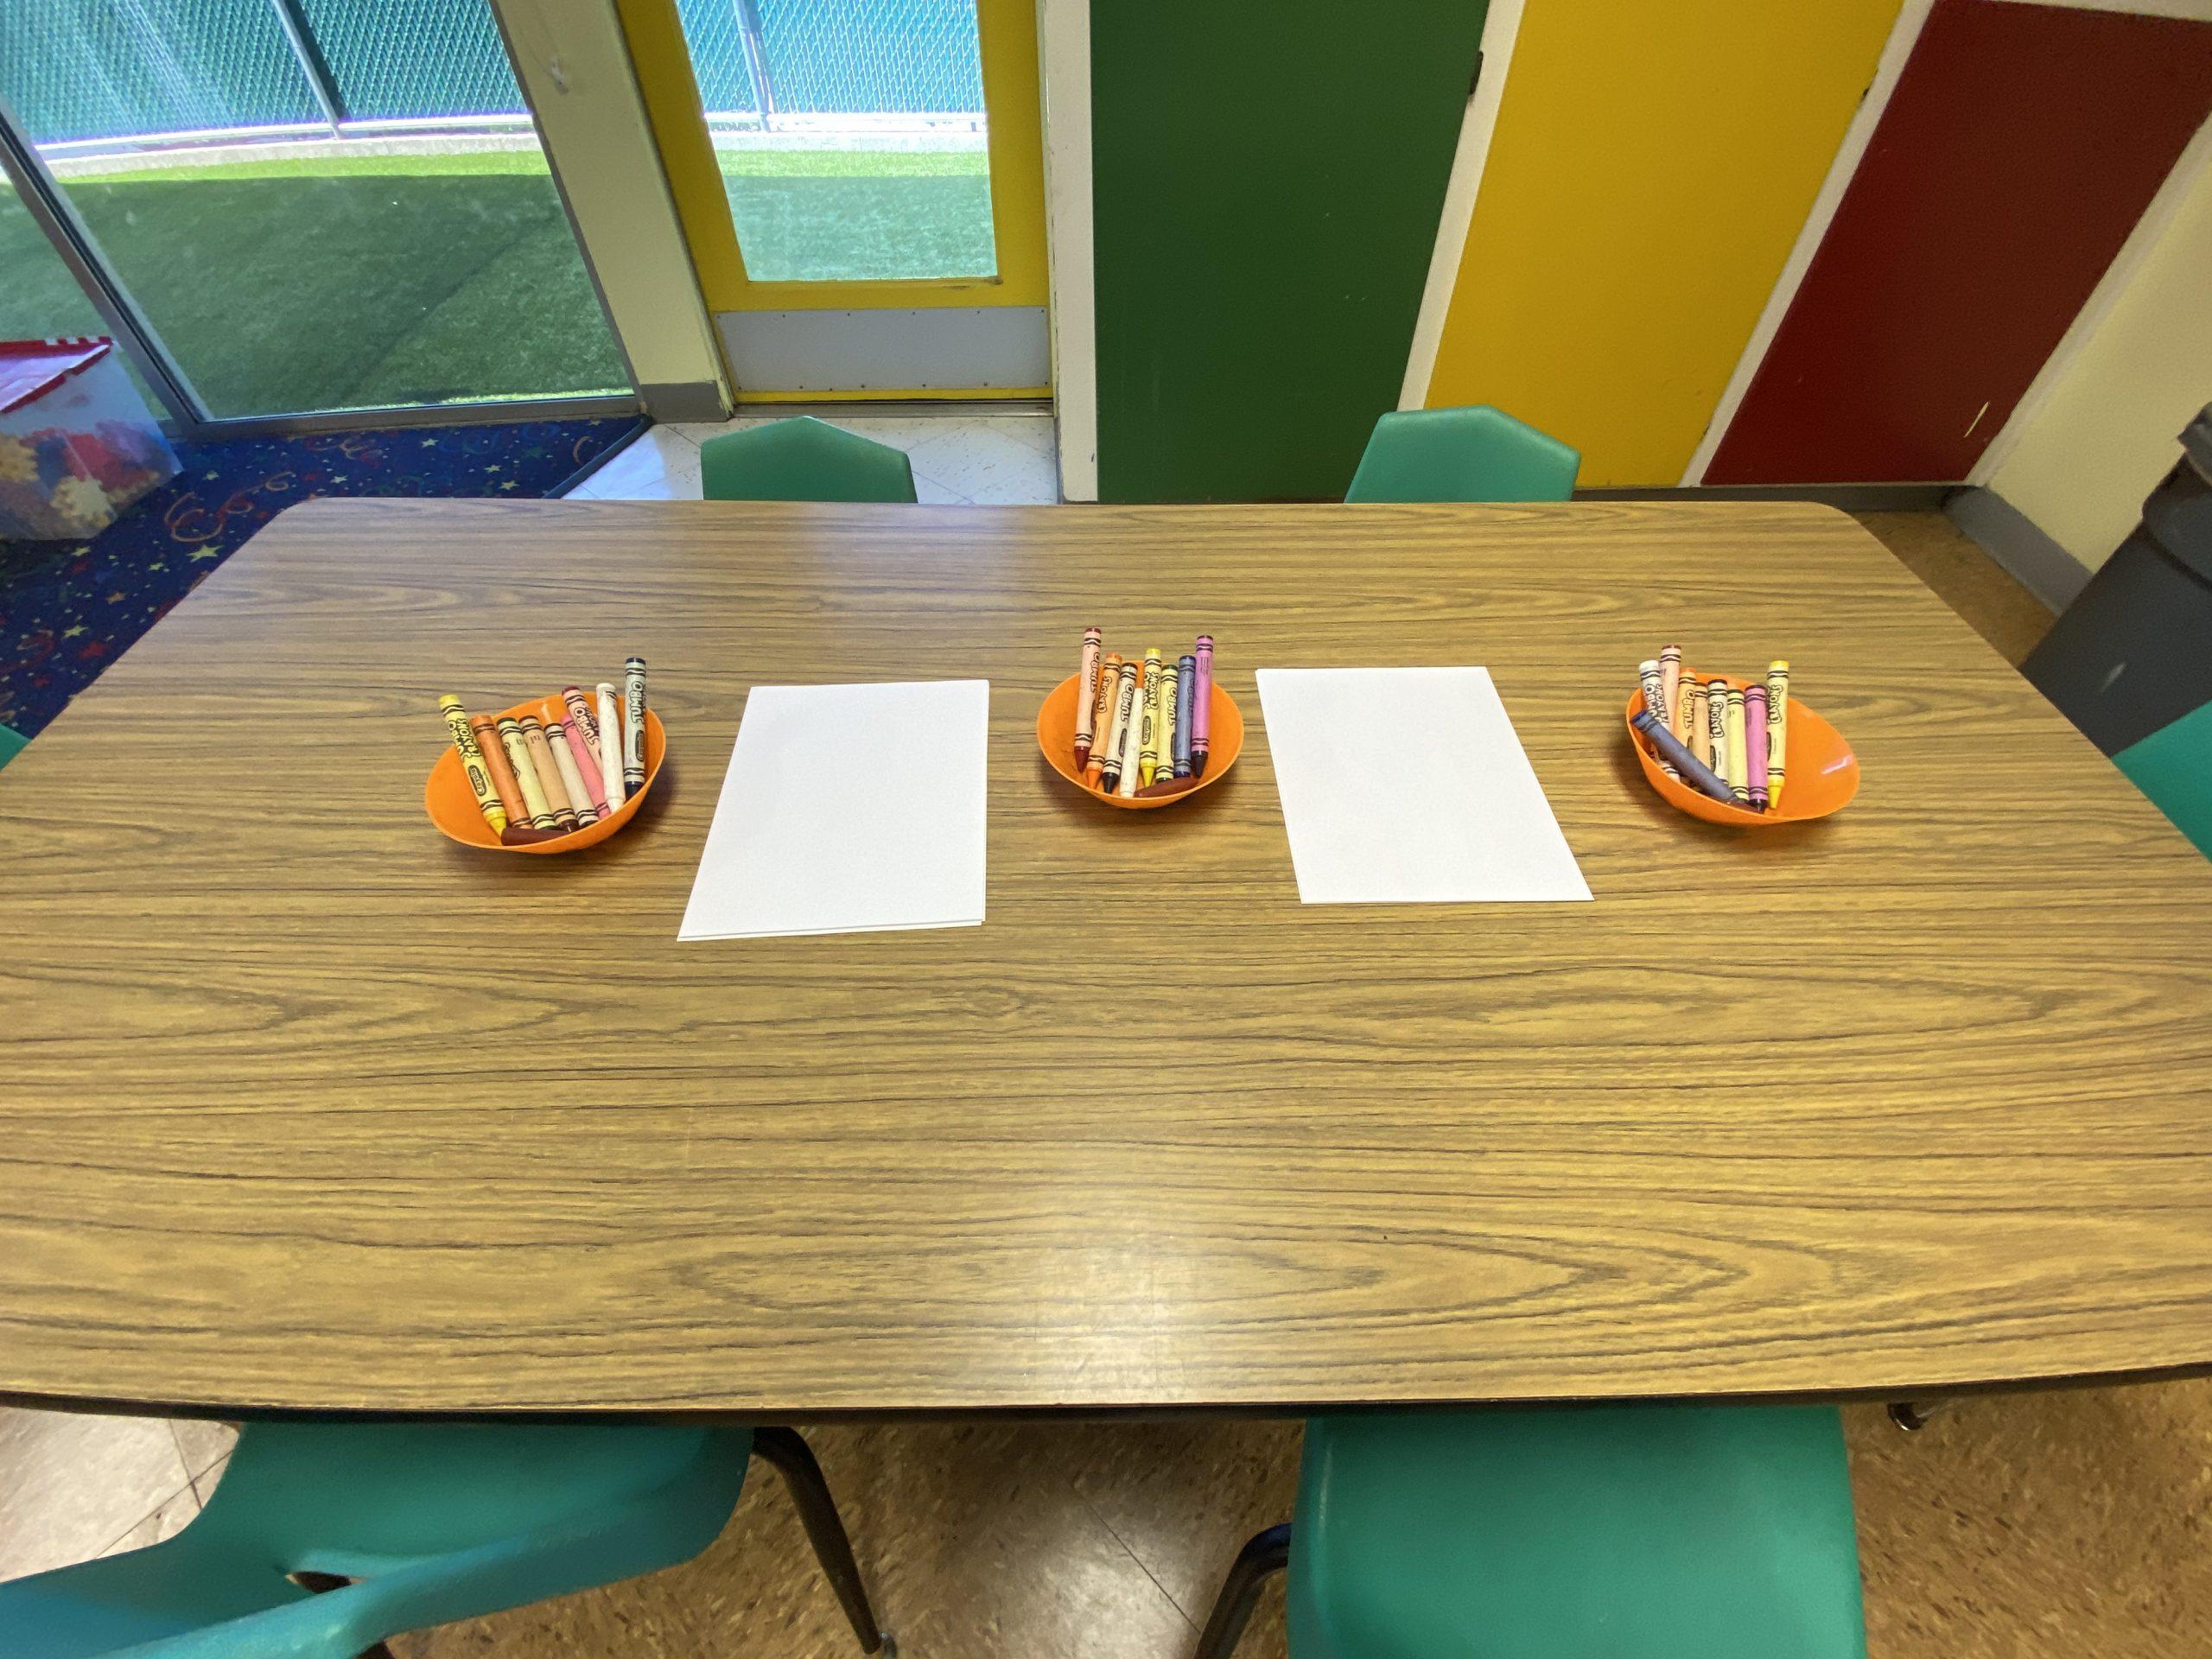 Safely open preschool